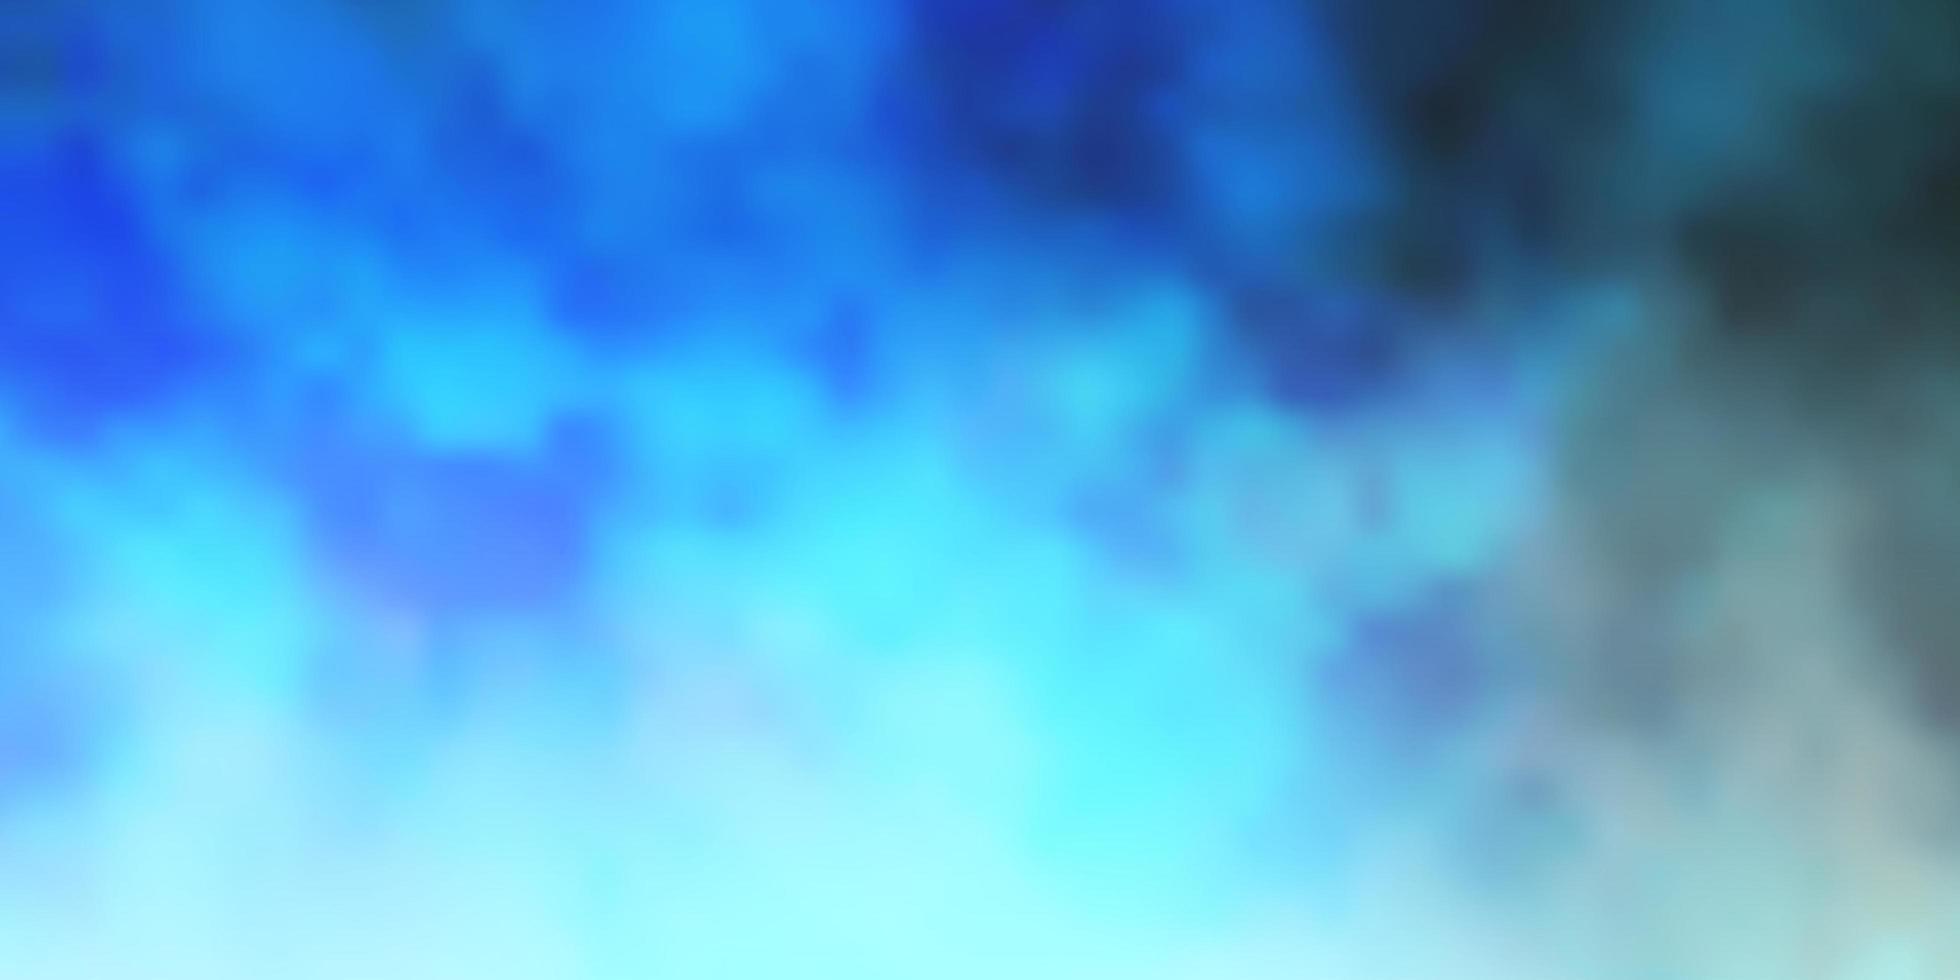 disposition de vecteur bleu foncé avec cloudscape.